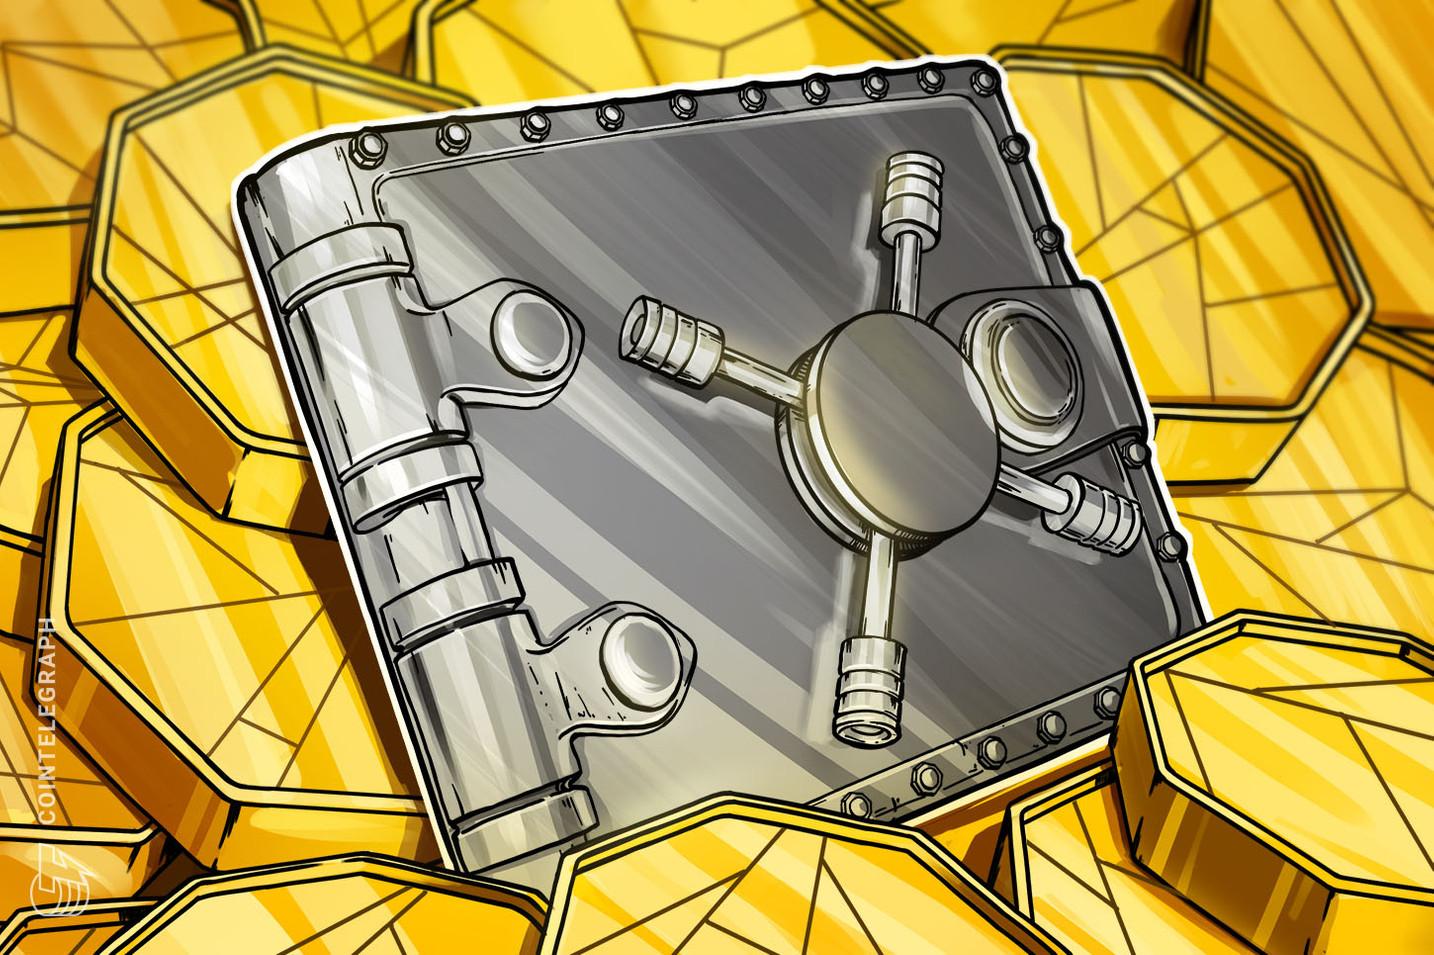 Kripto Borsa Upbit'in İşleticisi, Ledger ile Saklama Hizmeti Başlatacak